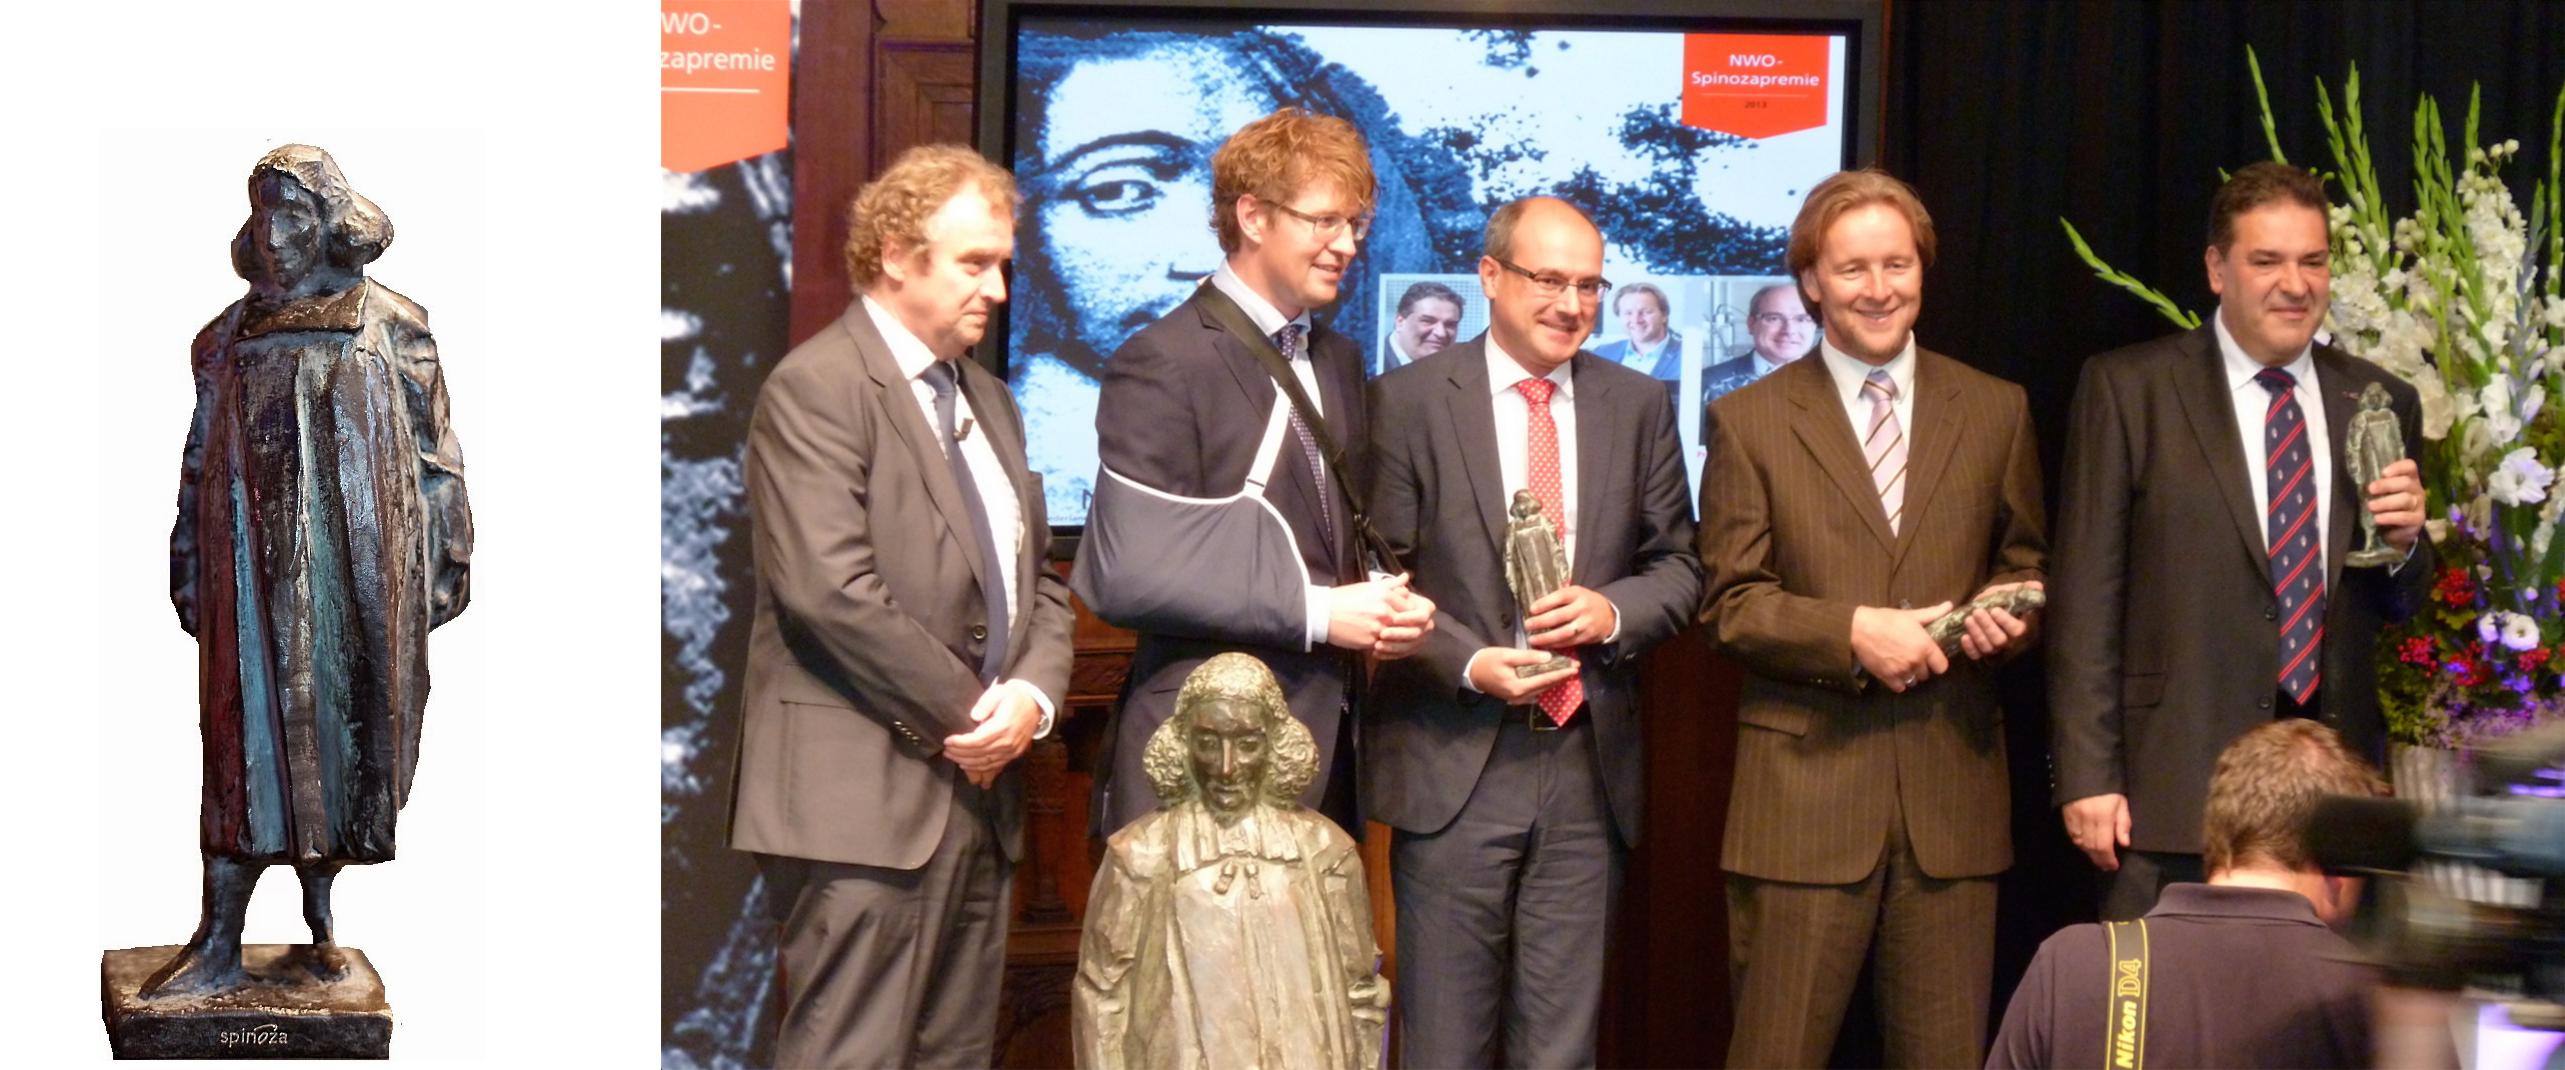 NWO-Spinoza_Prize_2013